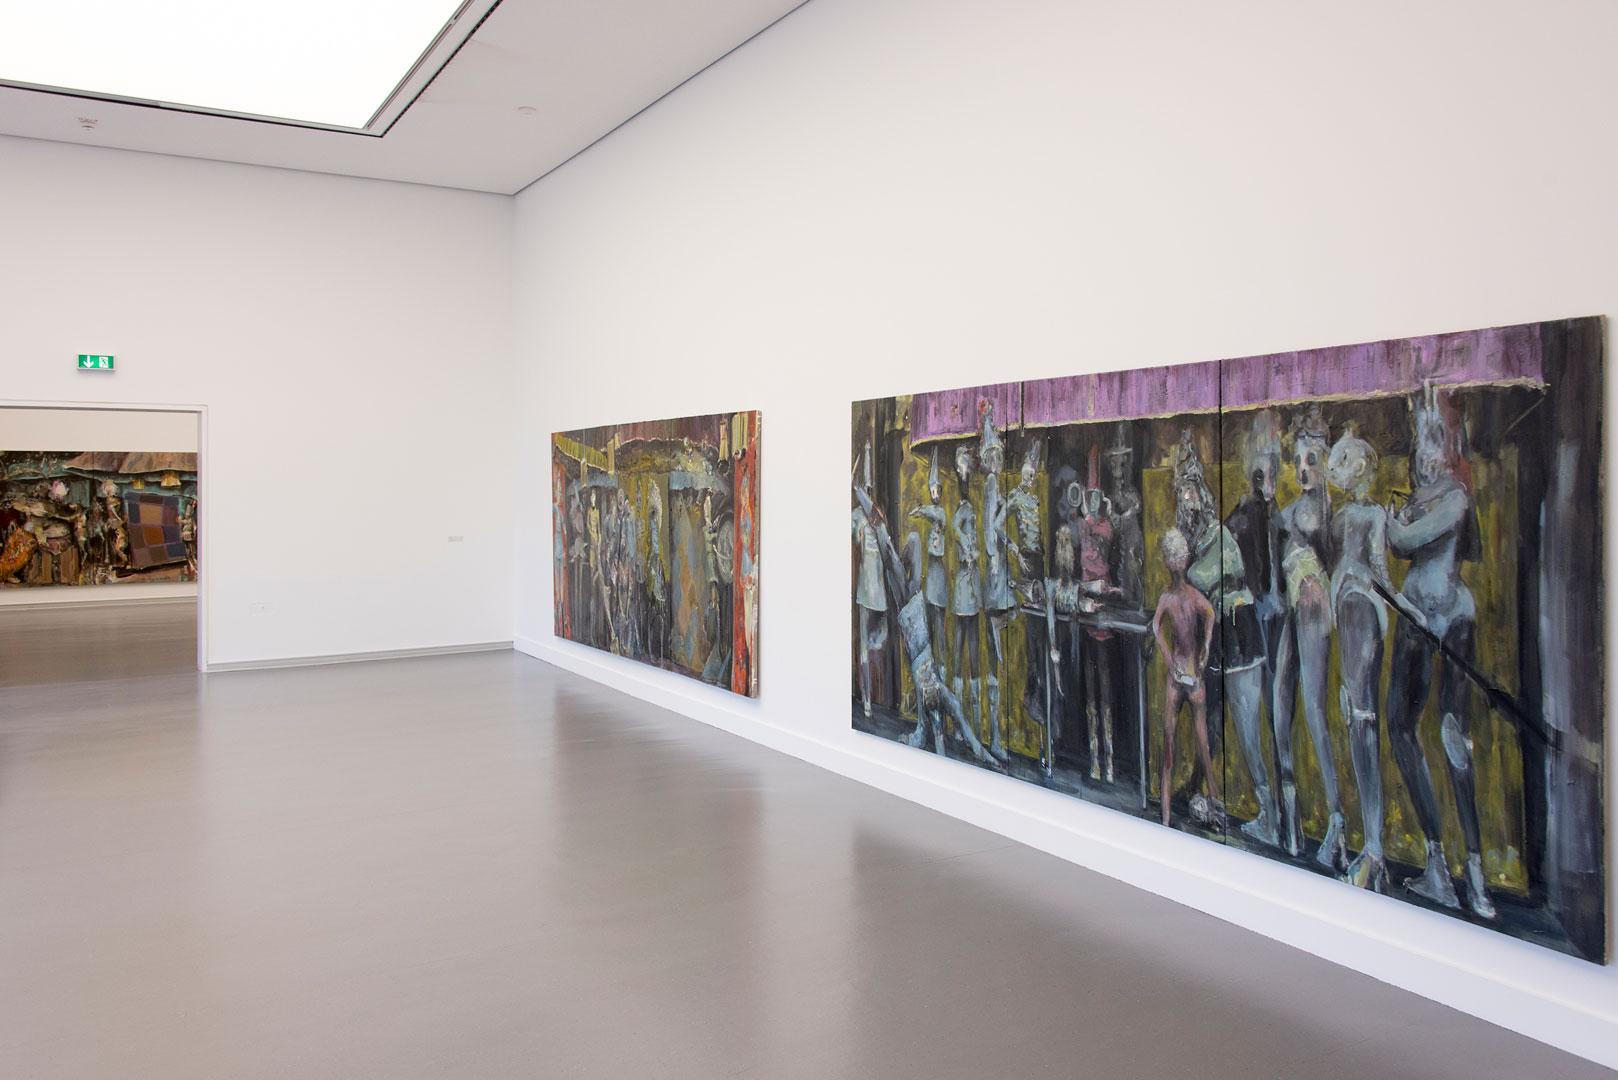 Von der Heydt-Kunsthalle, Wuppertal, 2016